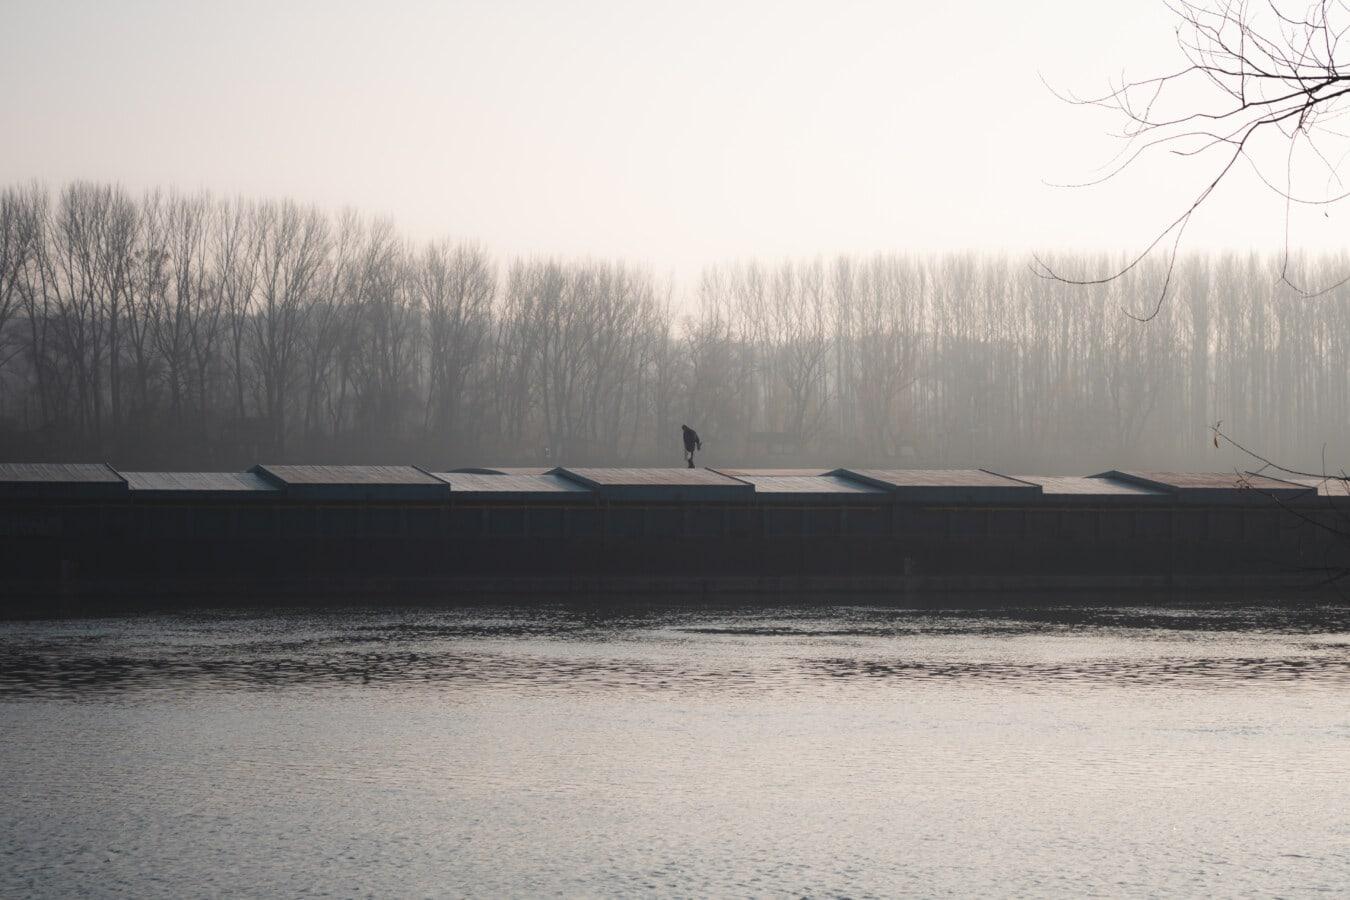 teretni brod, barka, transport, Dostava, otpremnica, magla, osoba, udaljenost, krajolik, jezero